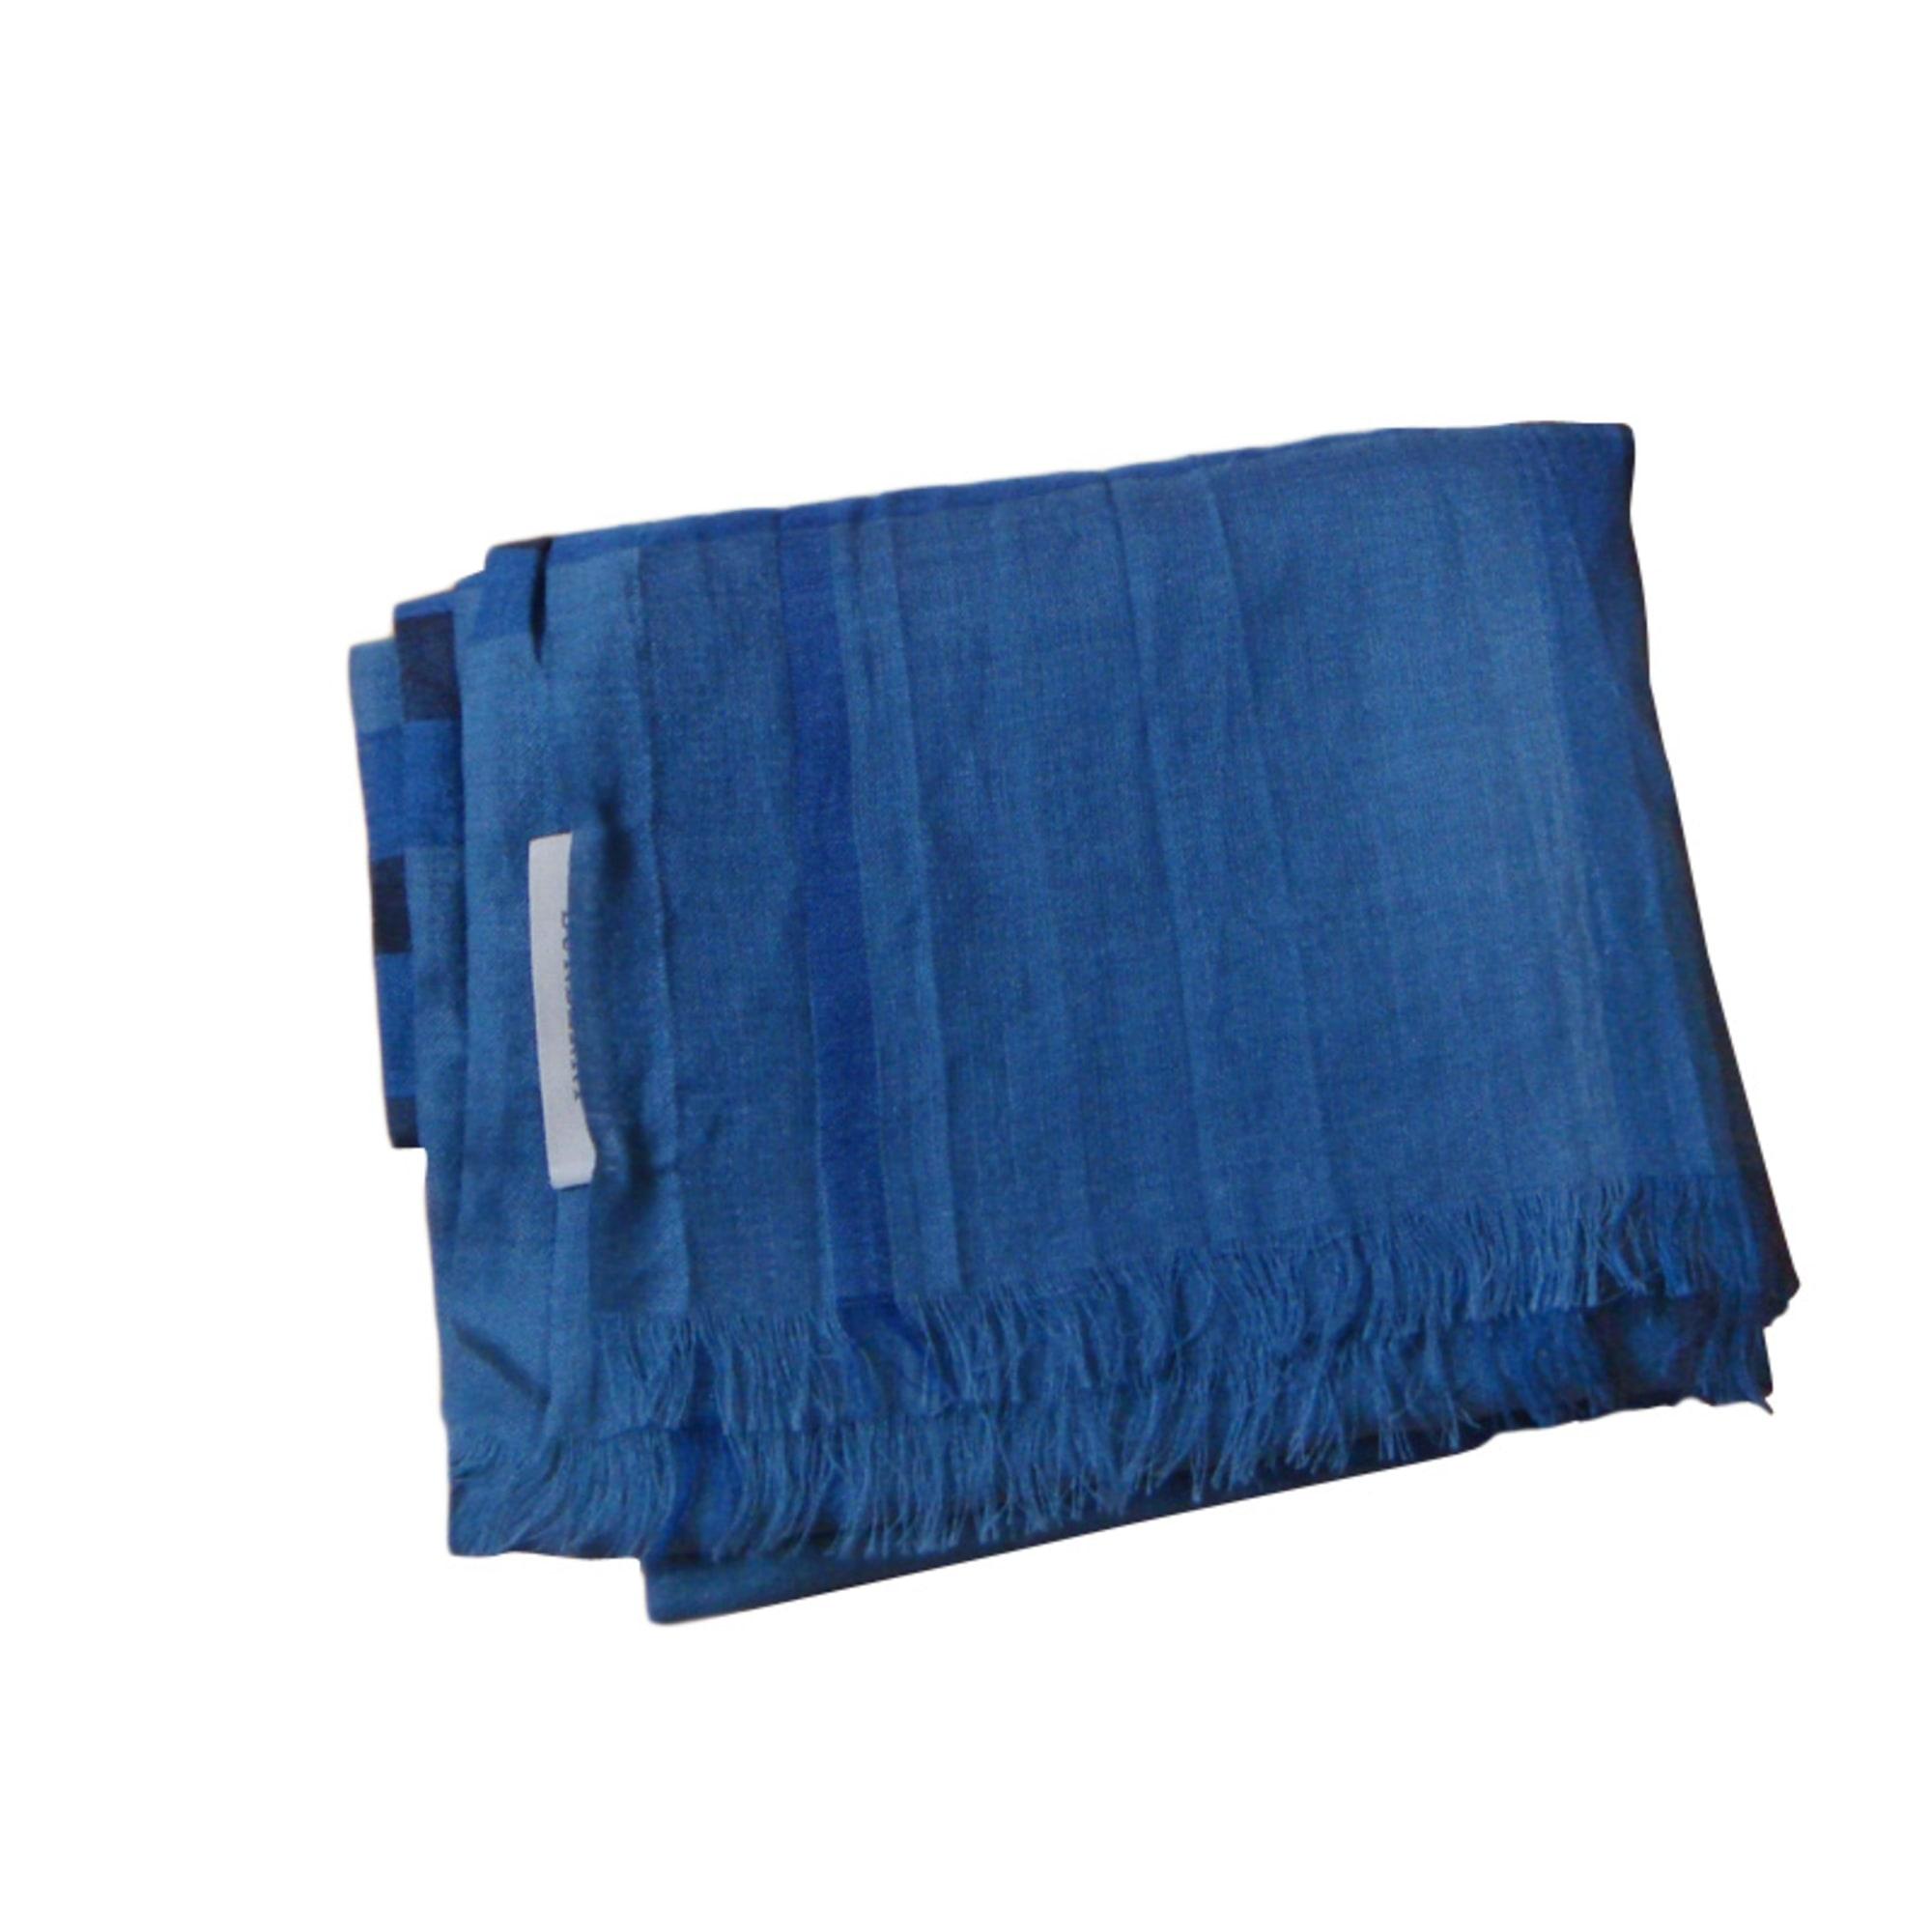 1ee464cf3005 Echarpe Burberry Bleu Marine